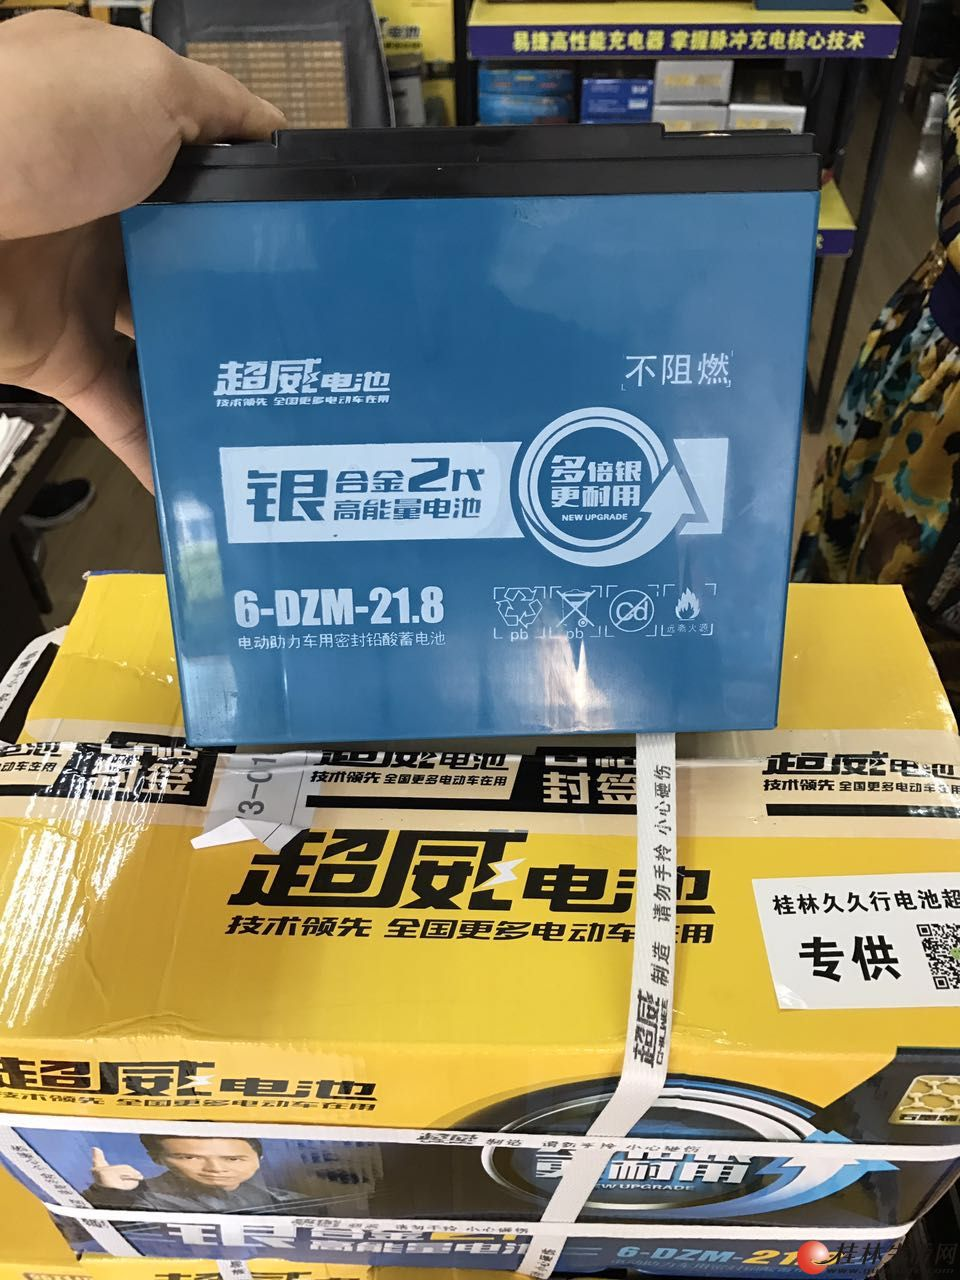 桂林电动车电池经销商,天能电池超威电池代理商15677313218李桂林换电池值得推荐